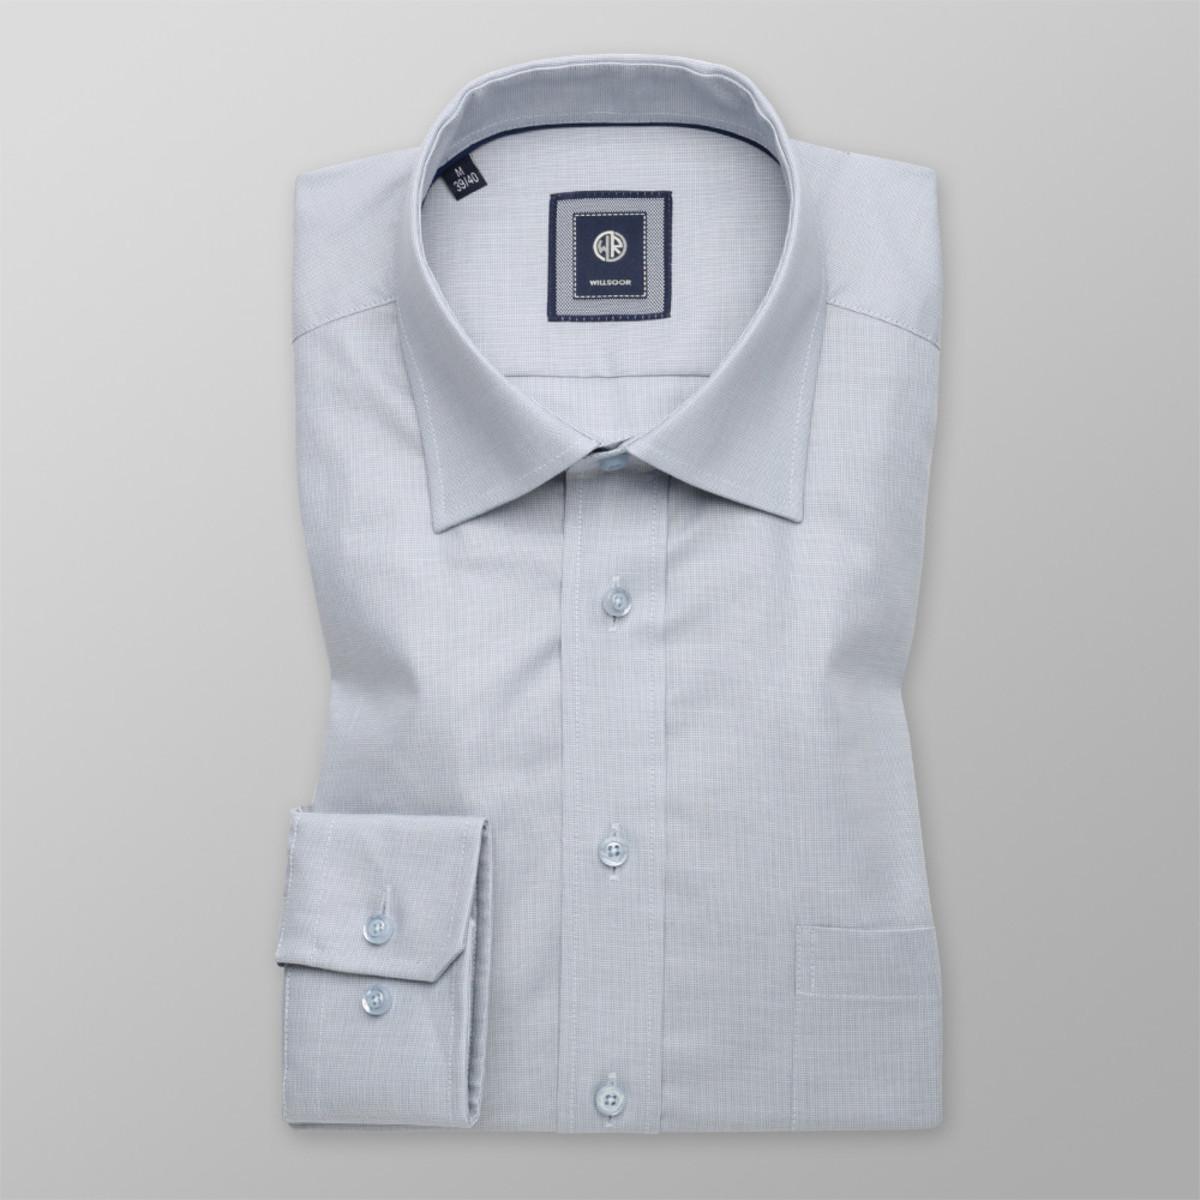 915c9aef323 Košile London s jemným vzorem (výška 176-182) 10209 176-182